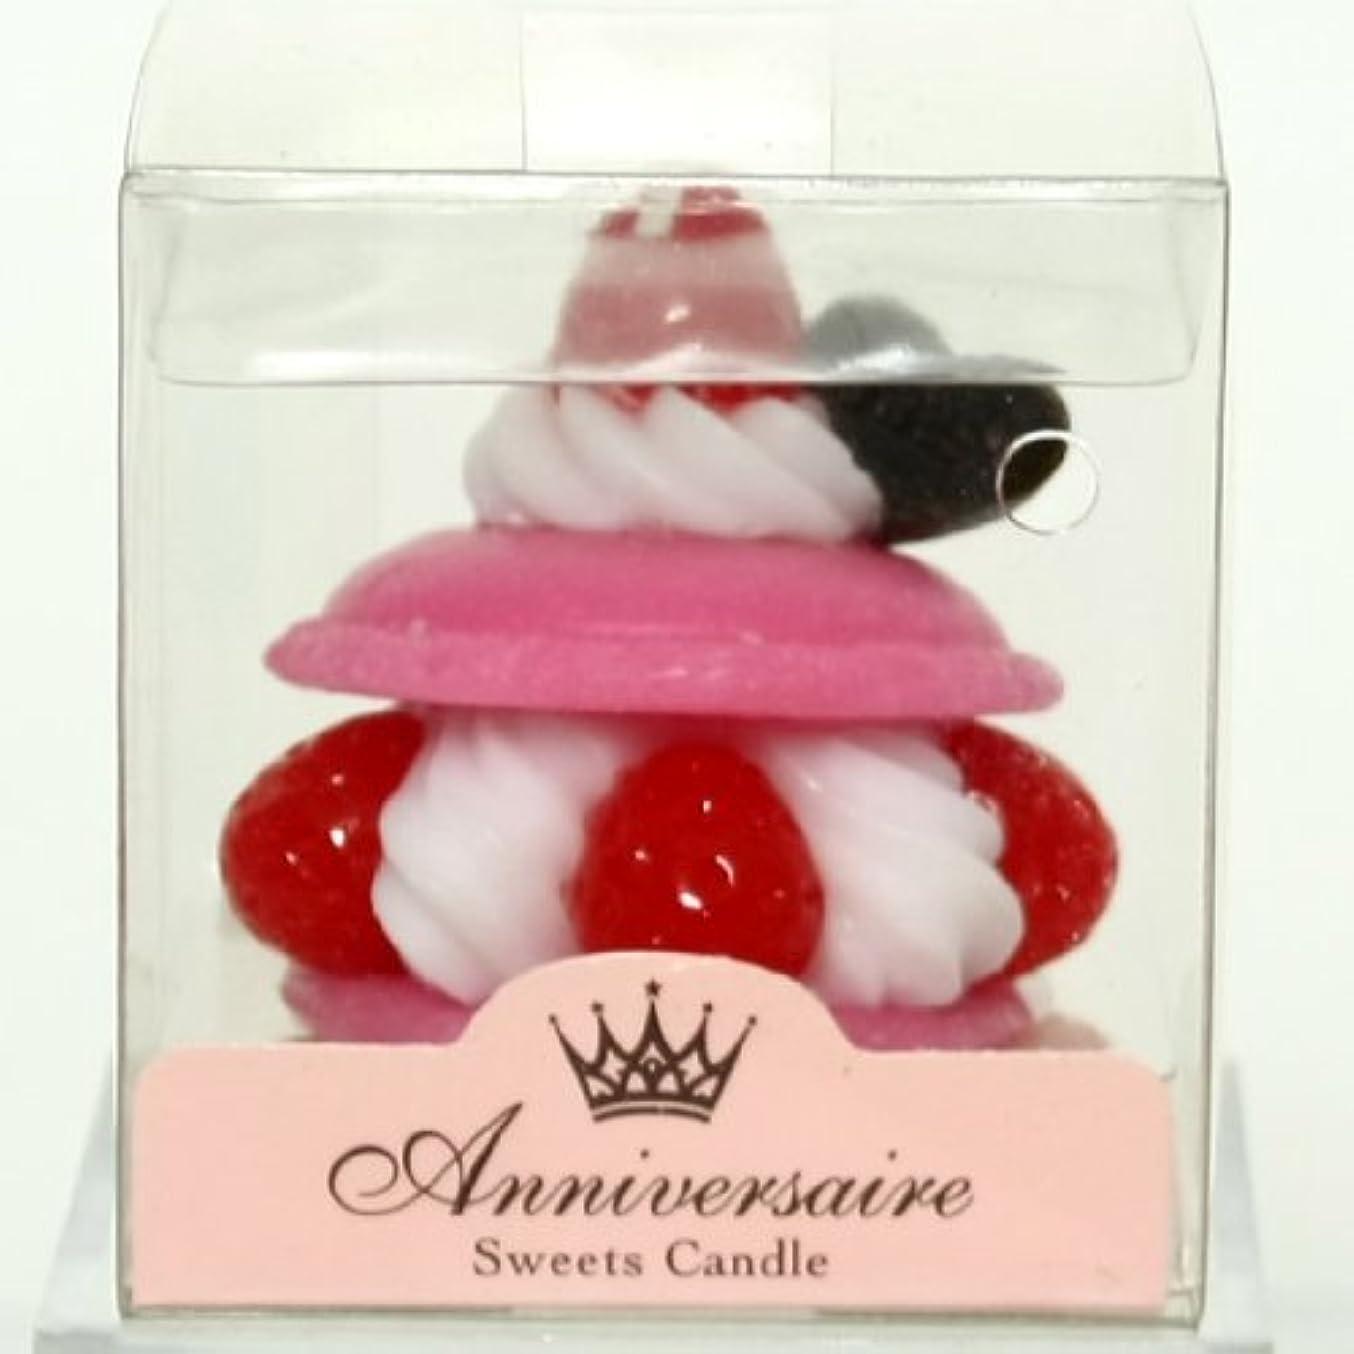 性格方向詳細なsweets candle(スイーツキャンドル) マカロンケーキキャンドル【ピンク】(ba6580500pk)